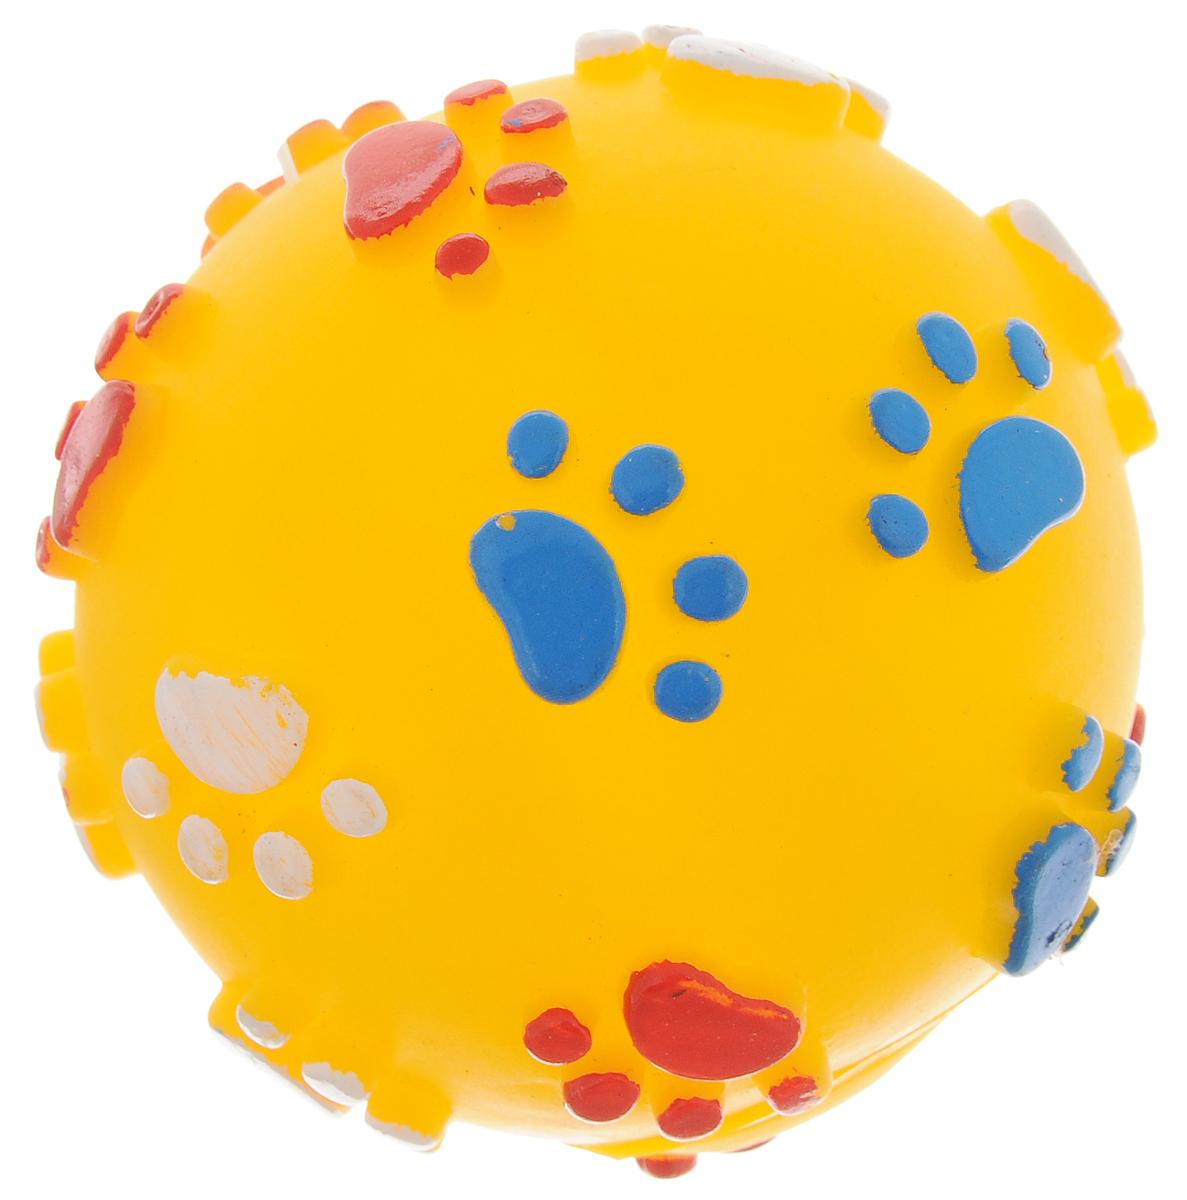 Игрушка для собак Каскад Мяч. Лапки, цвет: желтый, диаметр 7 см4023_aИгрушка для собак Каскад Мяч. Лапки изготовлена из мягкой и прочной безопасной резины, устойчивой к разгрызанию. Игрушка снабжена пищалкой и украшена рельефом в виде разноцветных лапок. Изделие отличается прочностью и в то же время гибкостью и эластичностью. Необычная и забавная игрушка прекрасно подойдет для игр вашей собаки.